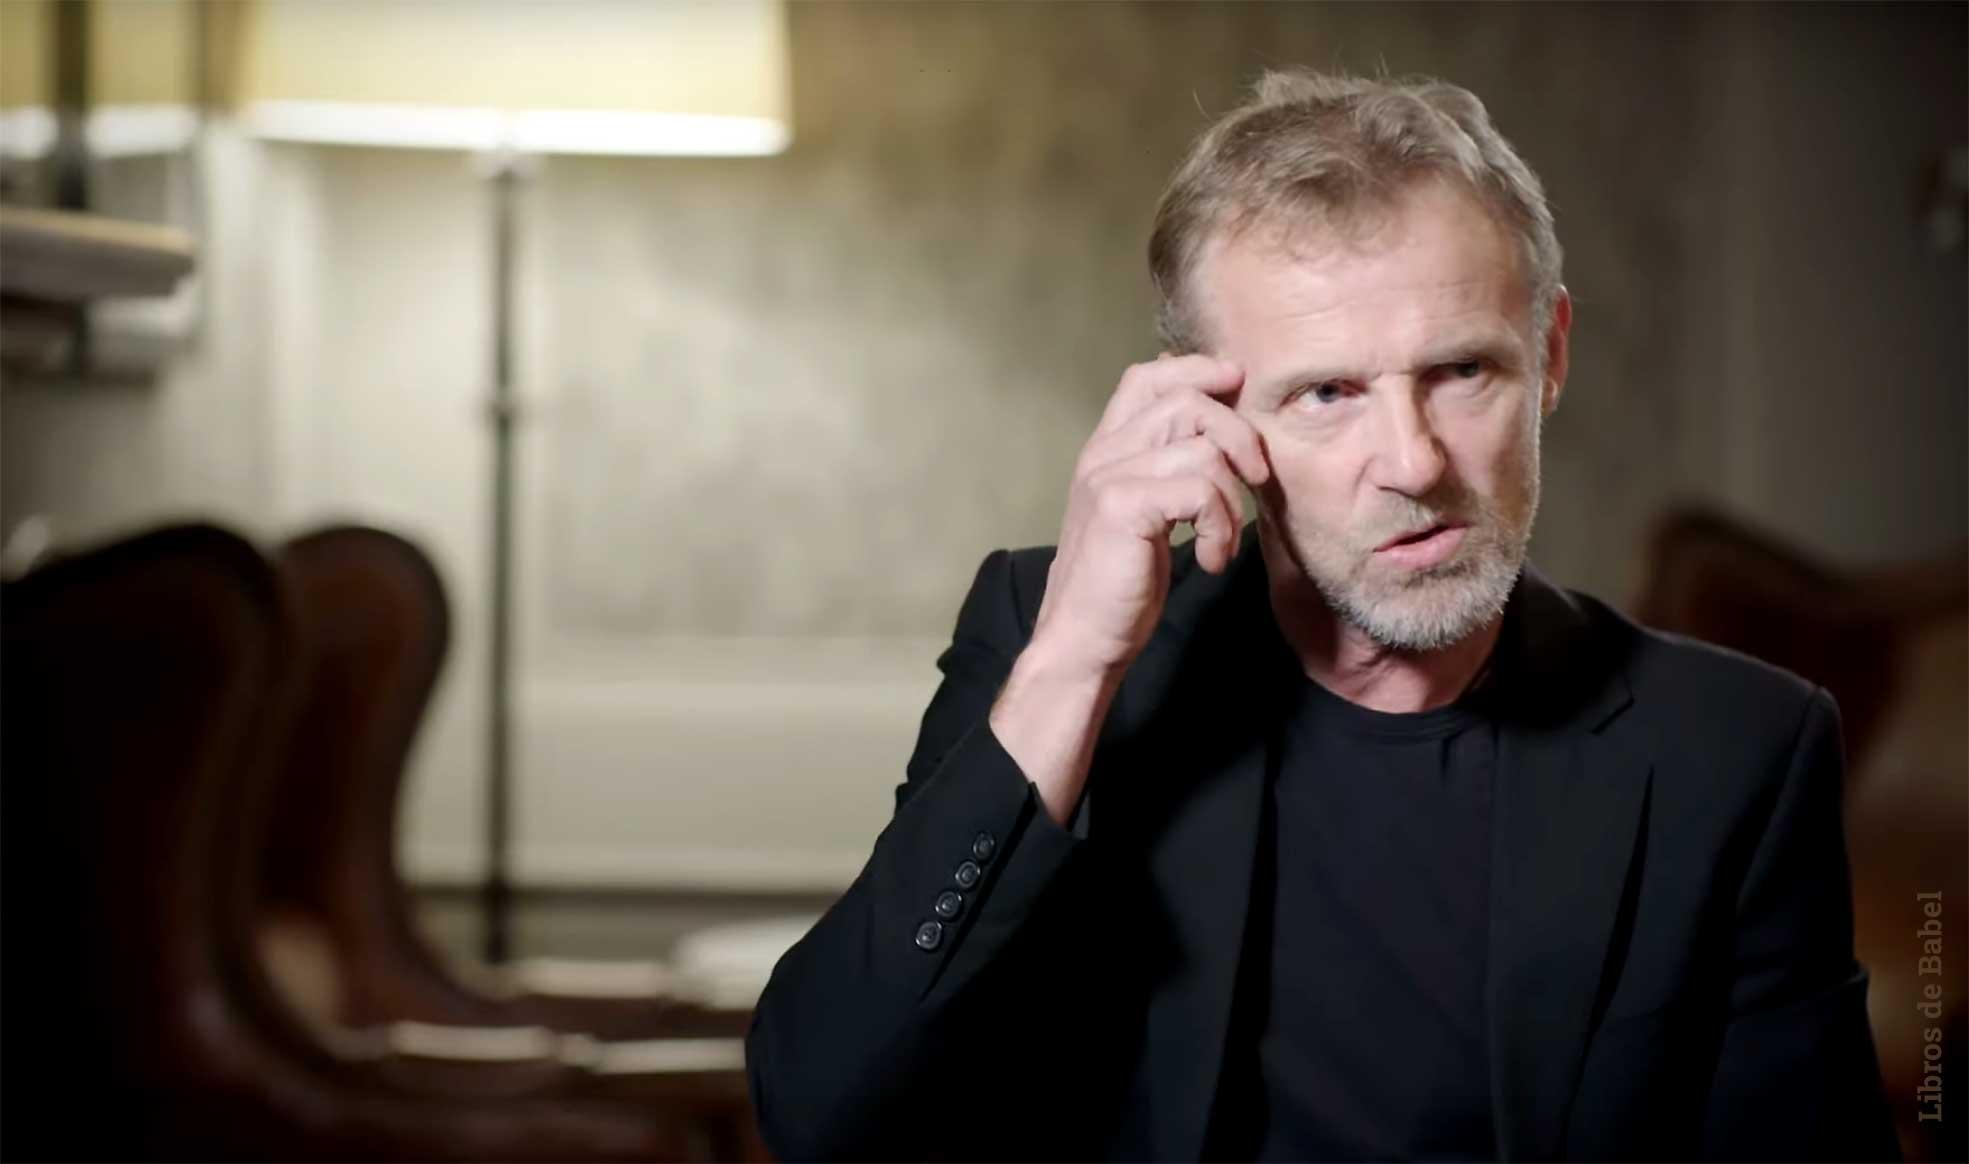 Jo Nesbø deja descansar a Harry Hole y se pone bíblico en 'El reino', su nueva novela